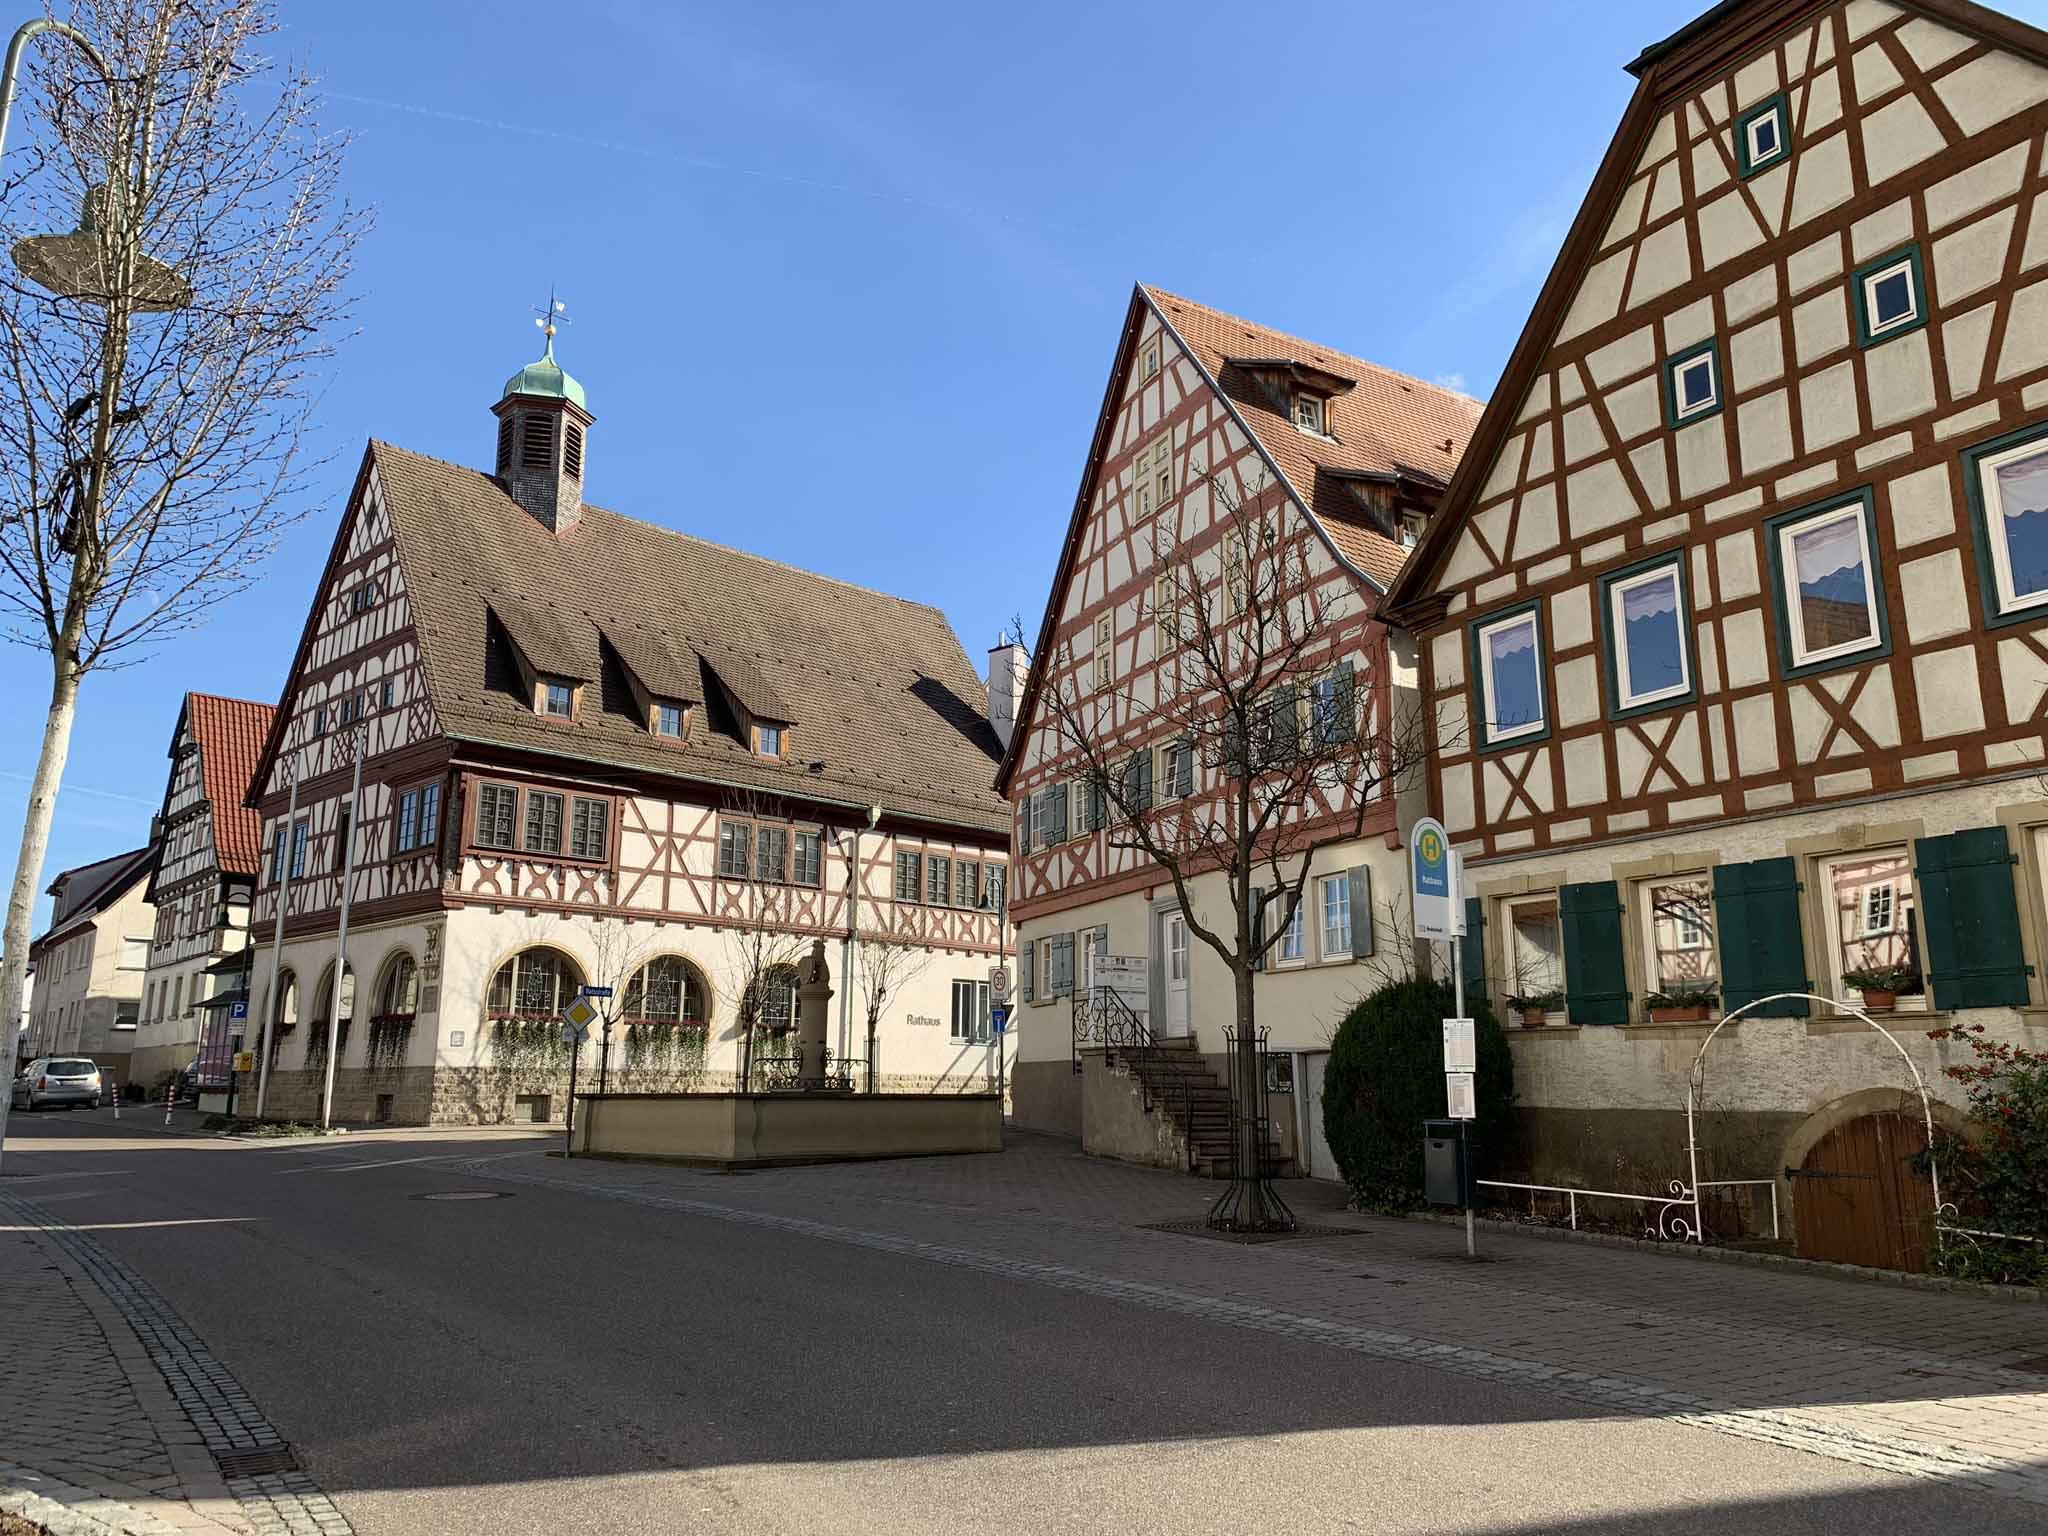 Rathaus, Zentrum, Fachwerk